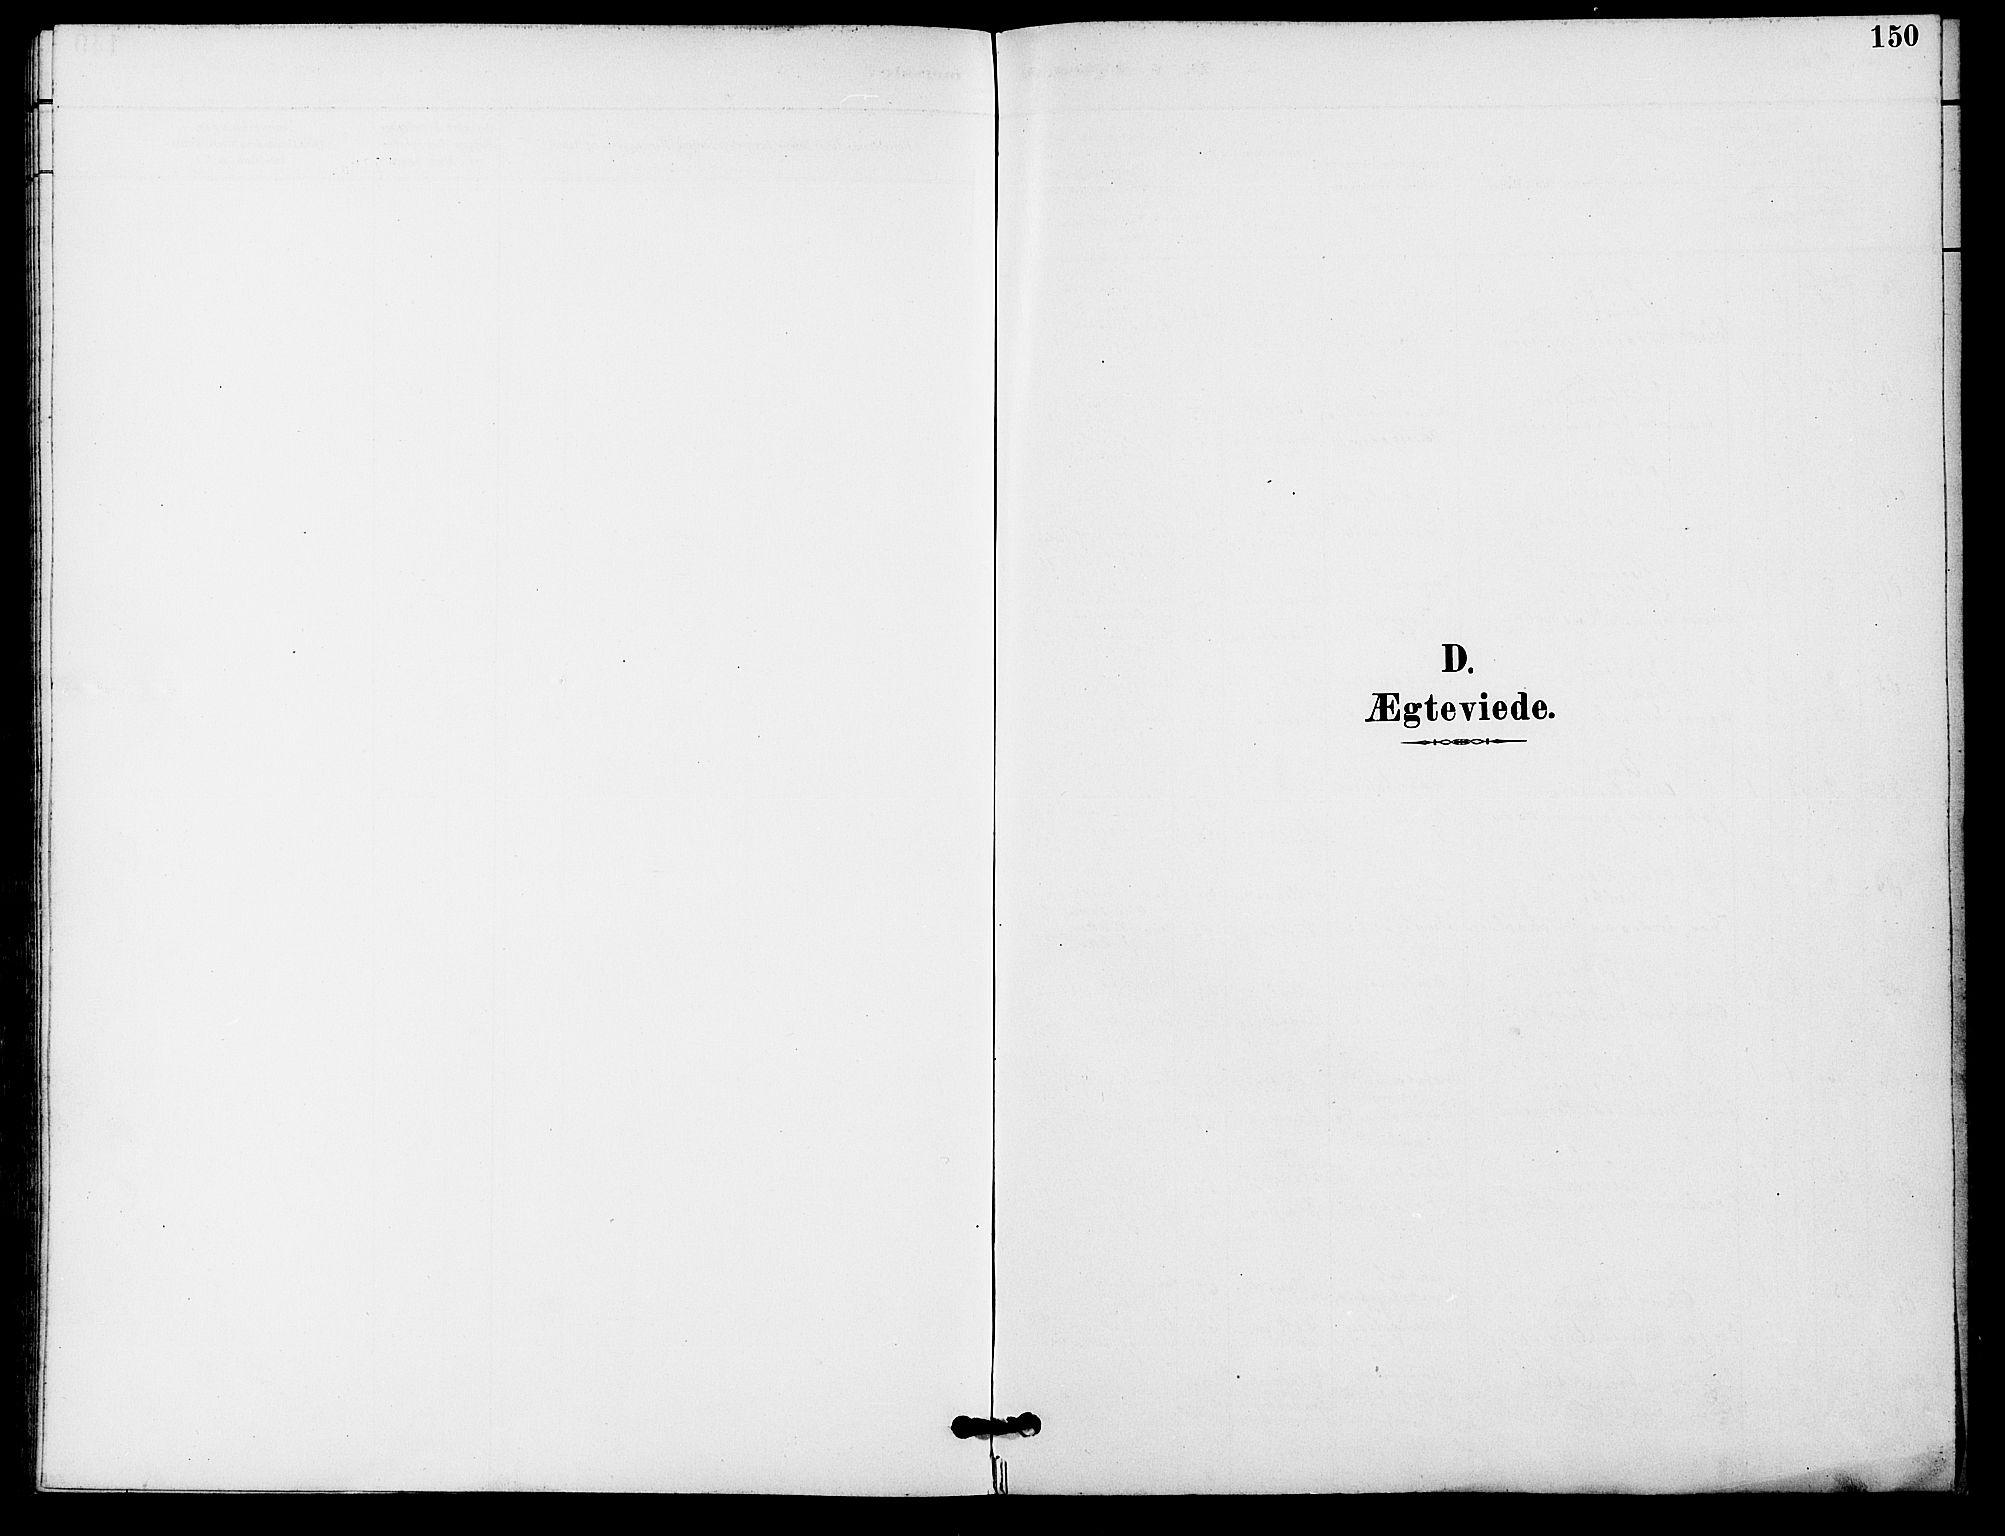 SAO, Gamle Aker prestekontor Kirkebøker, F/L0009: Ministerialbok nr. 9, 1890-1898, s. 150